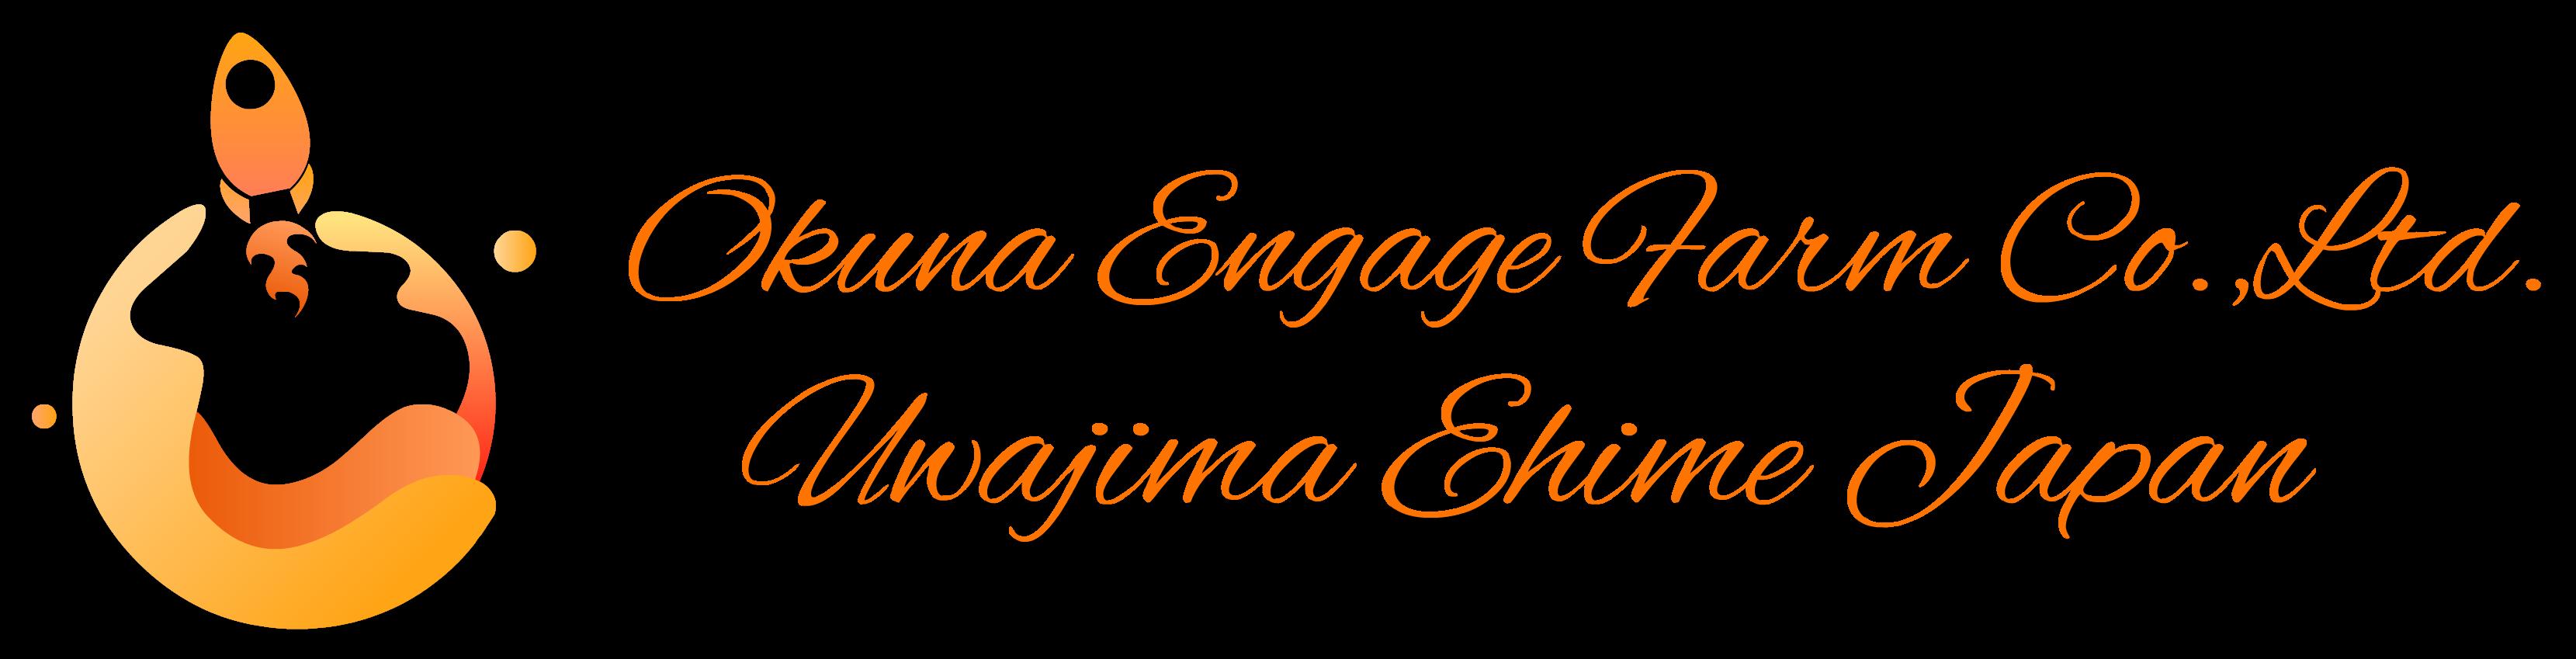 Okuna Engage Farm Co.,Ltd.